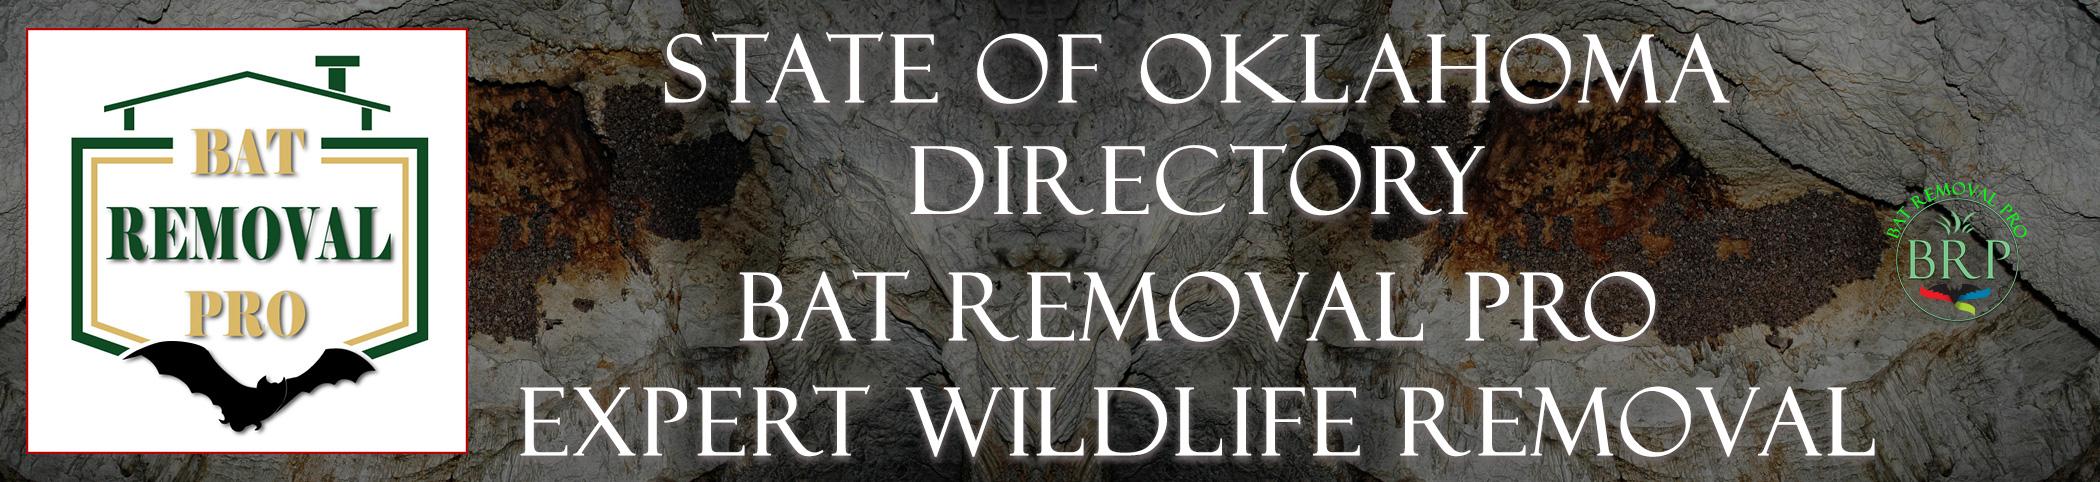 OKLAHOMA-bat-removal-at-bat-removal-pro-header-image